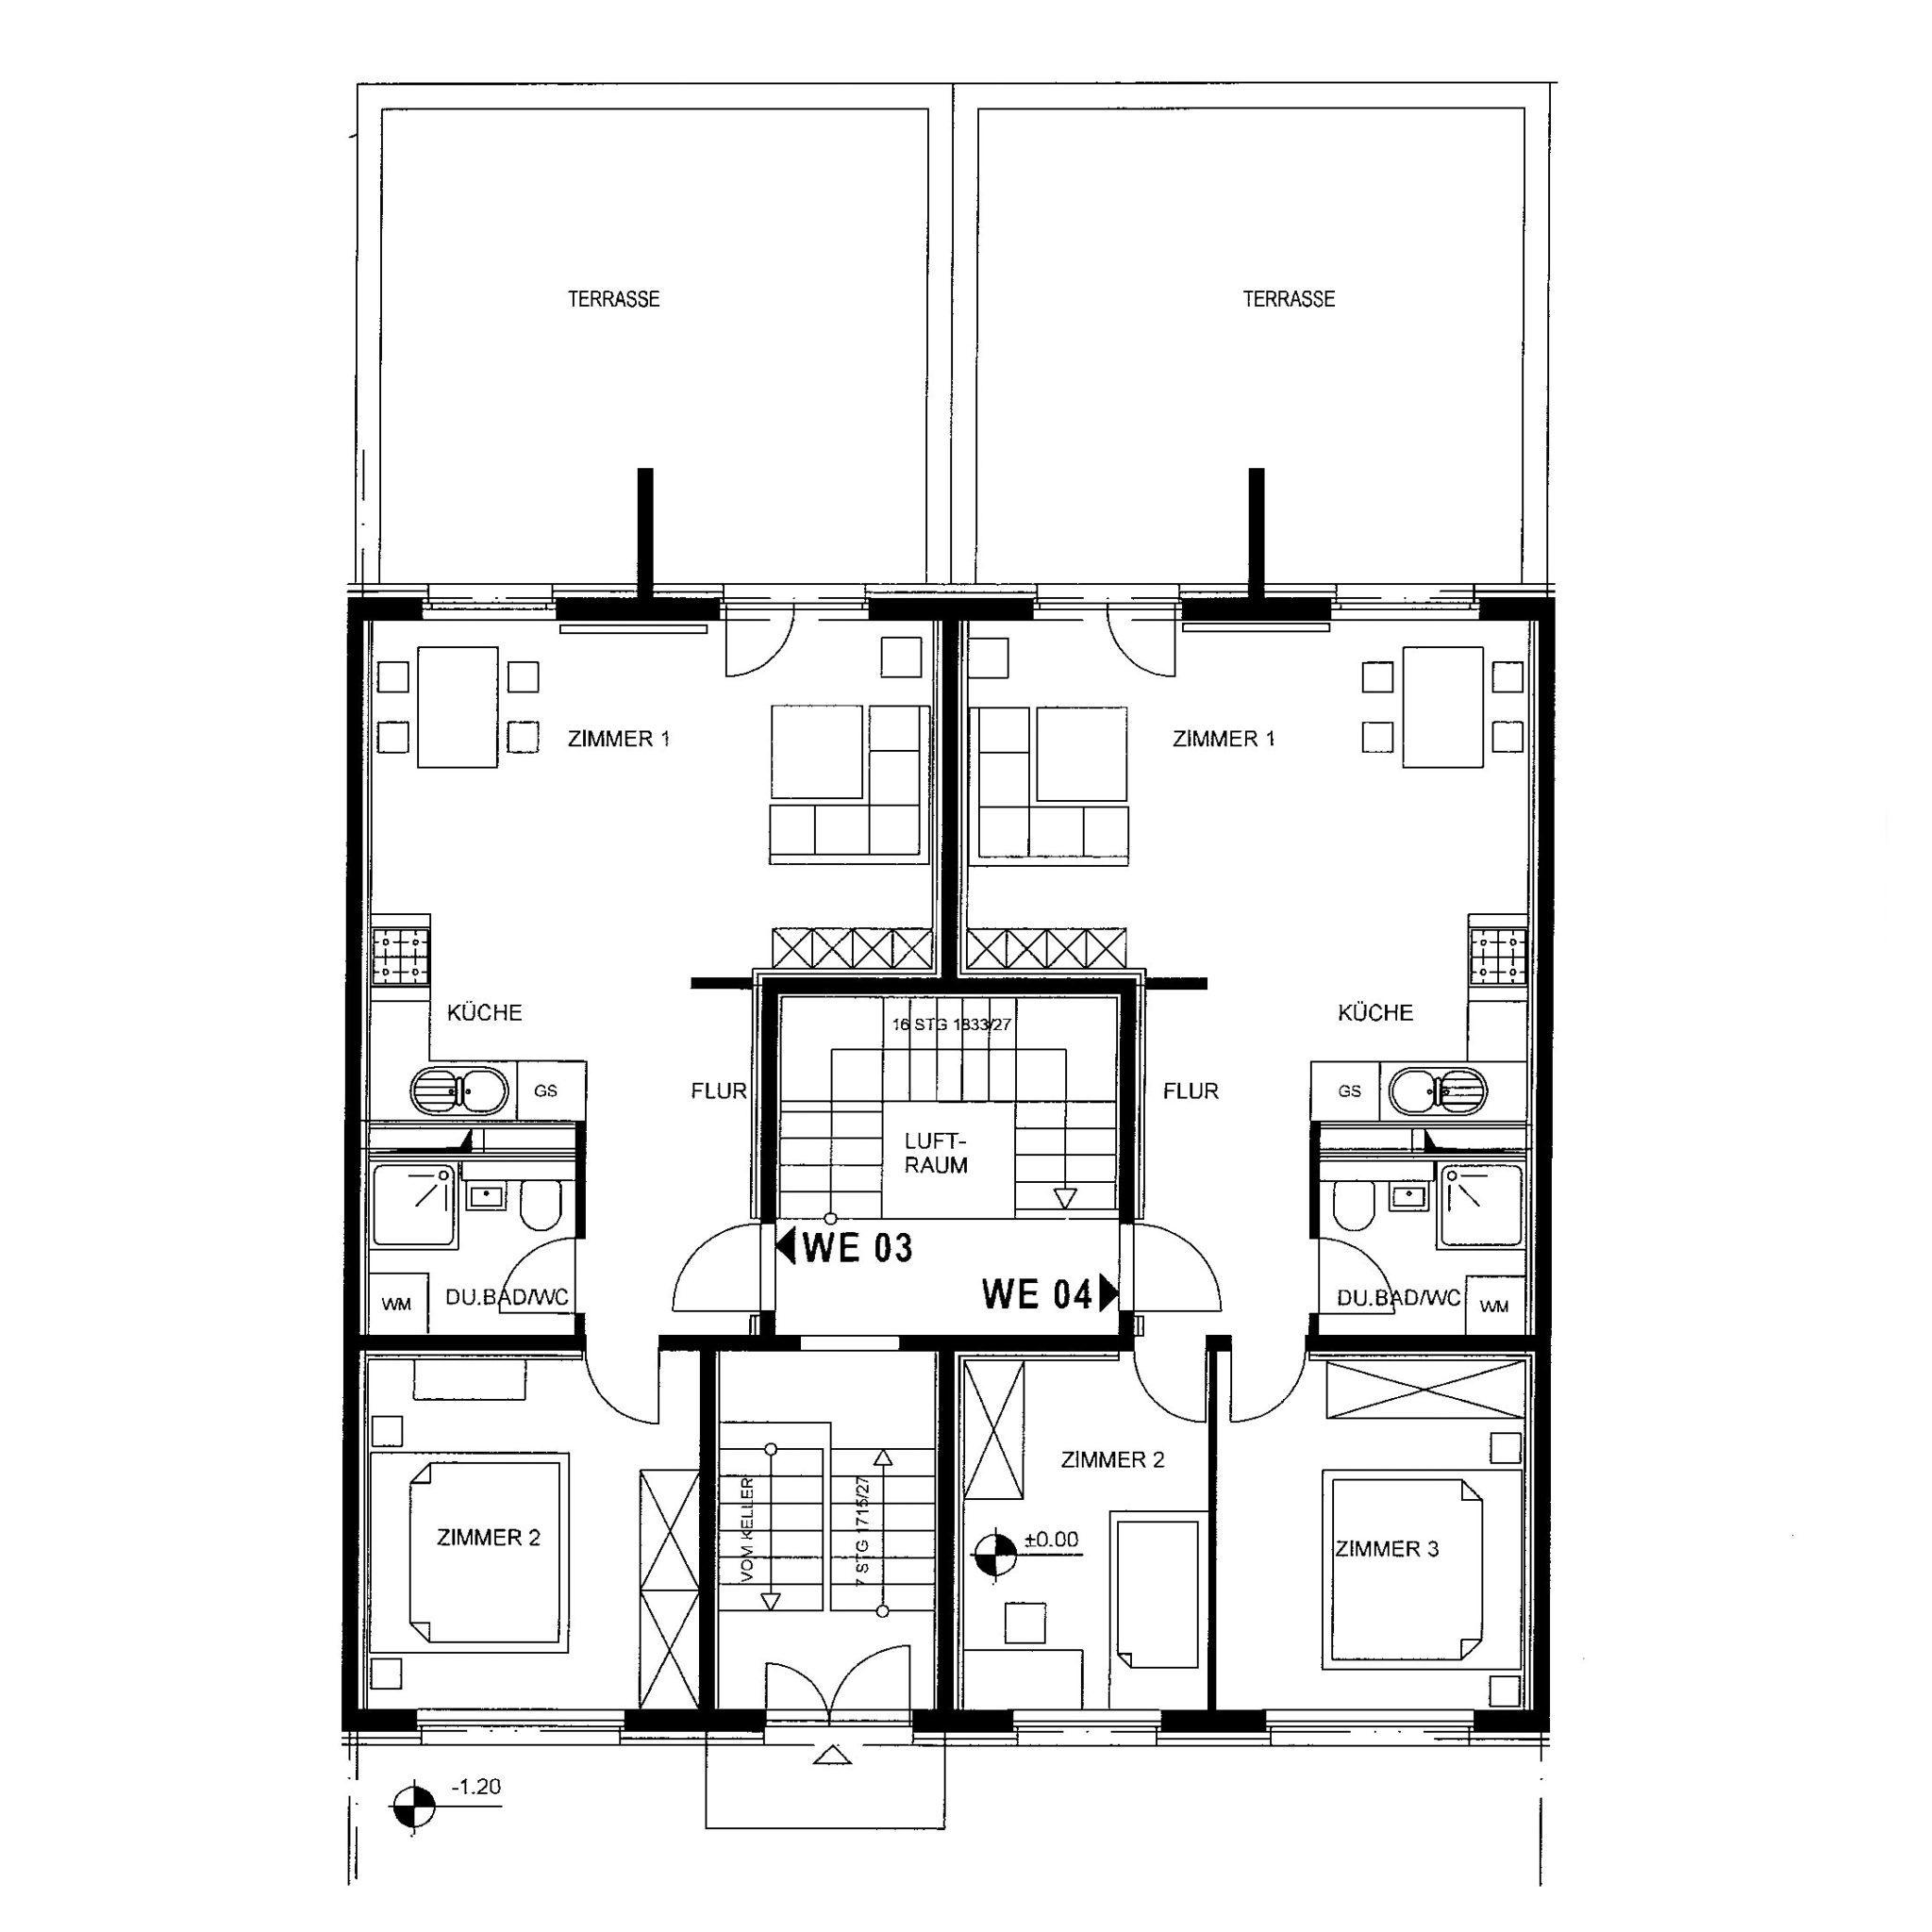 Grundriss 2-Raum und 3-Raum mit Terrasse